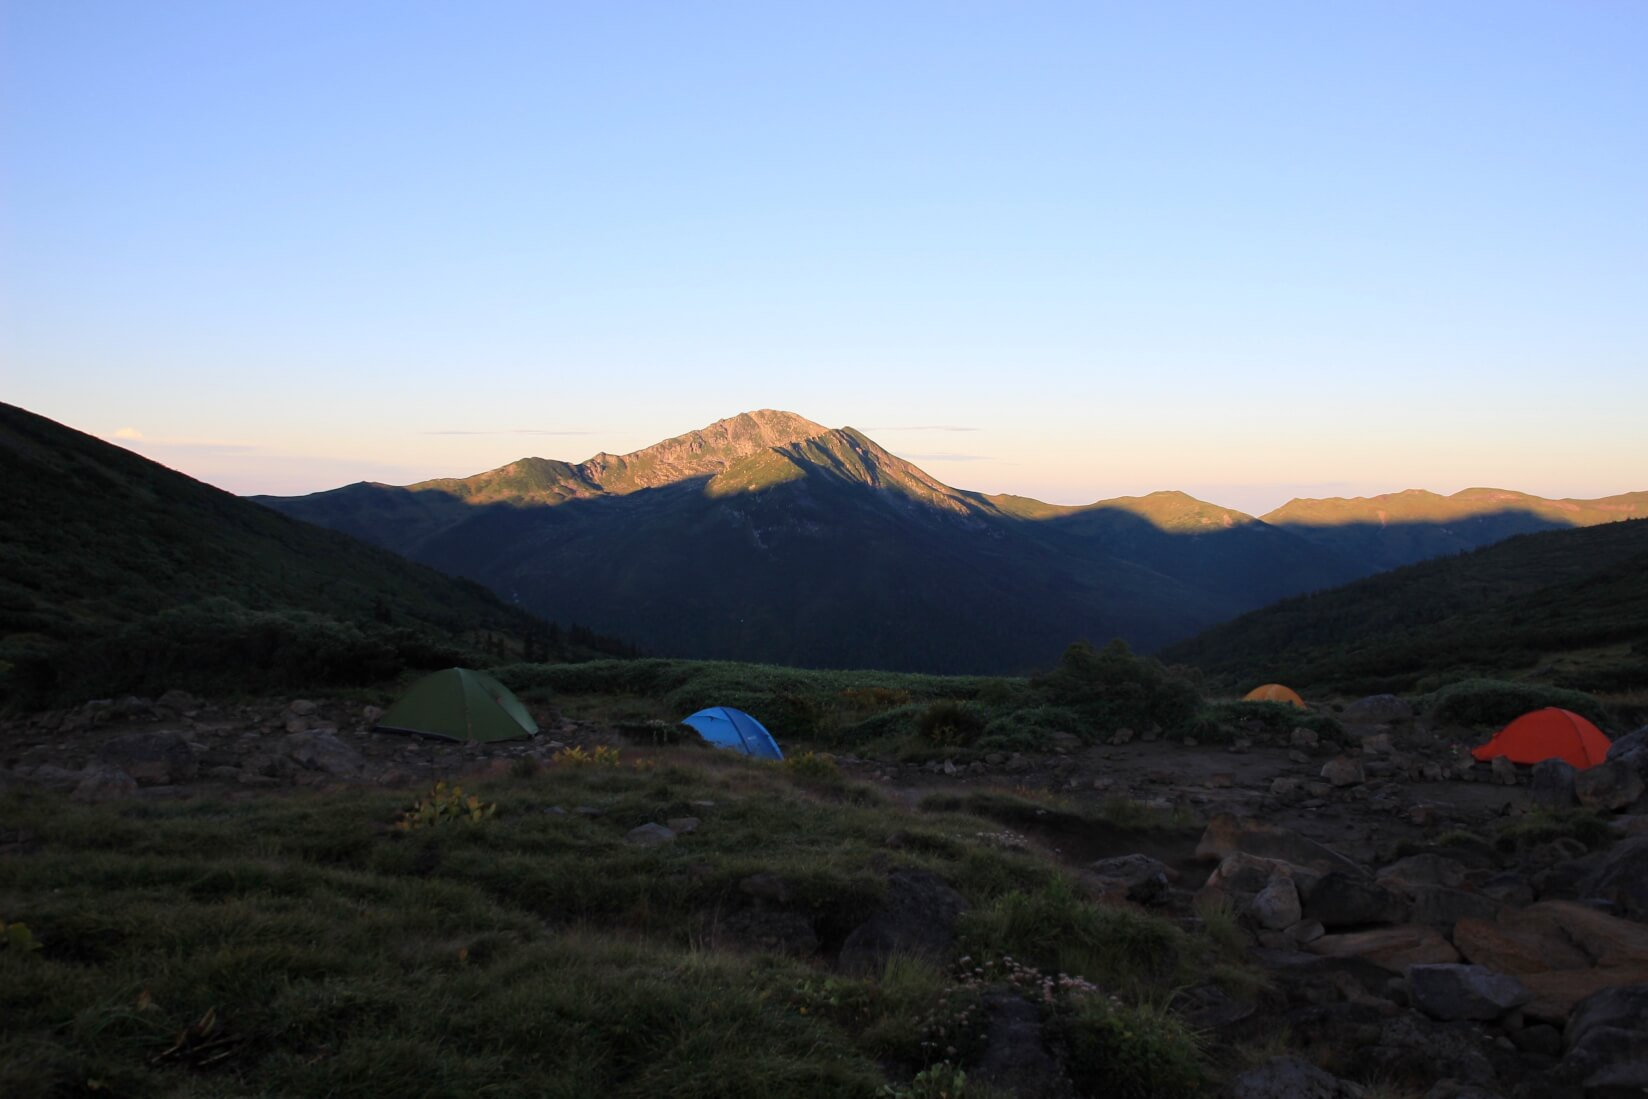 雲ノ平キャンプ場より黒部五郎岳方向